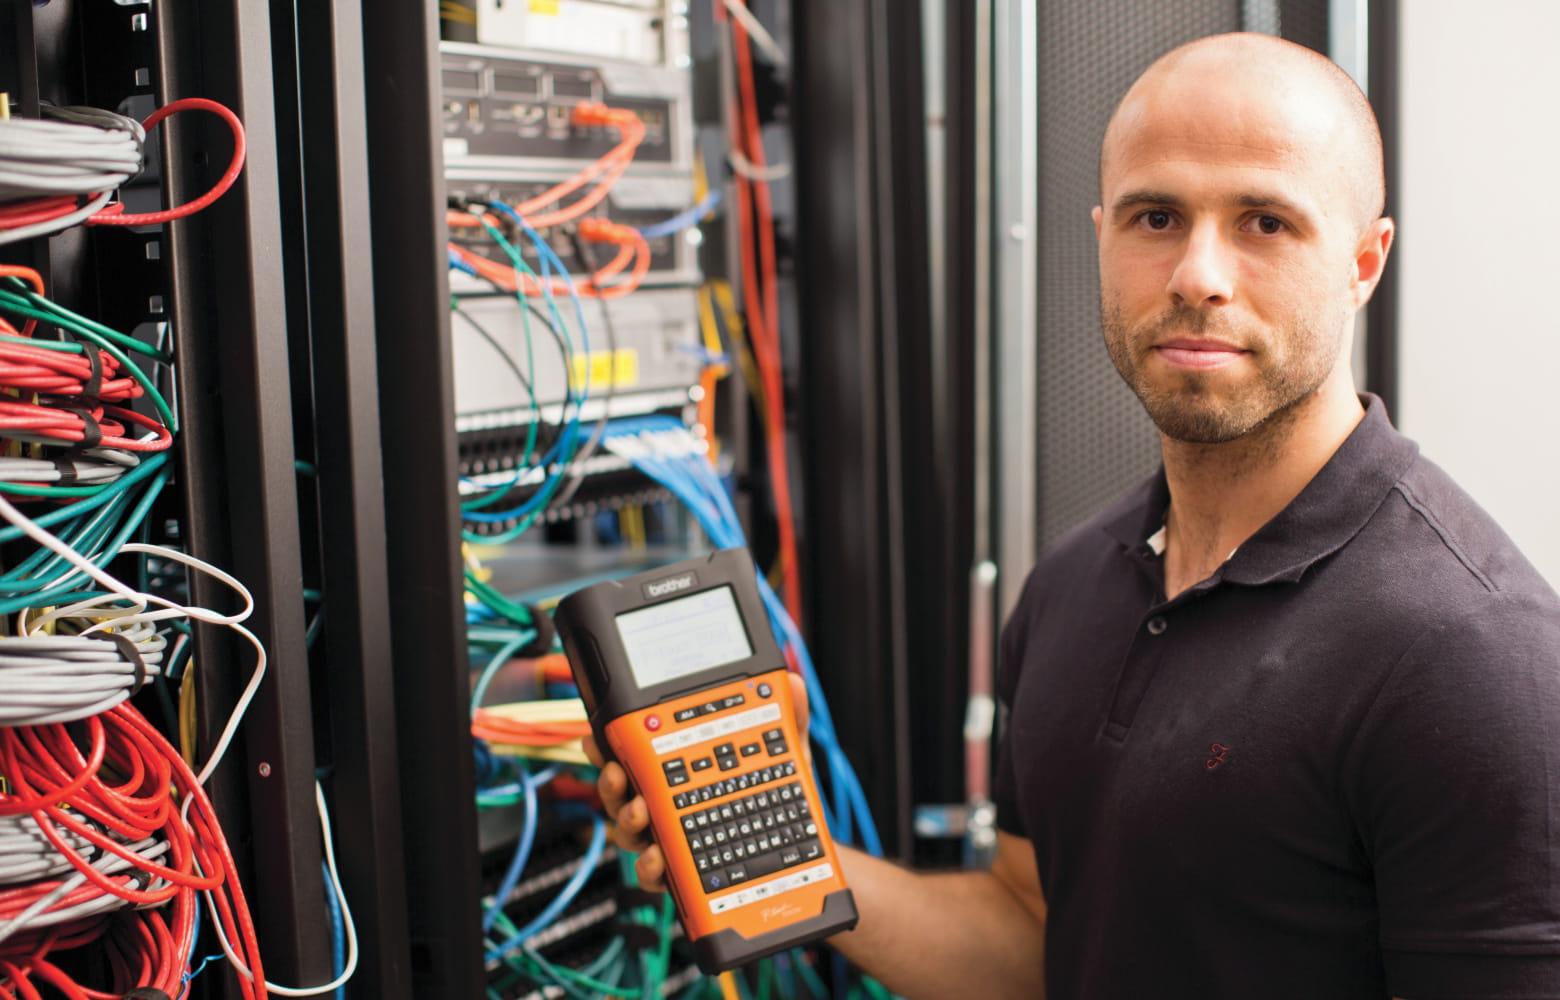 Tecnico di rete tiene in mano una stampante di etichette P-touch